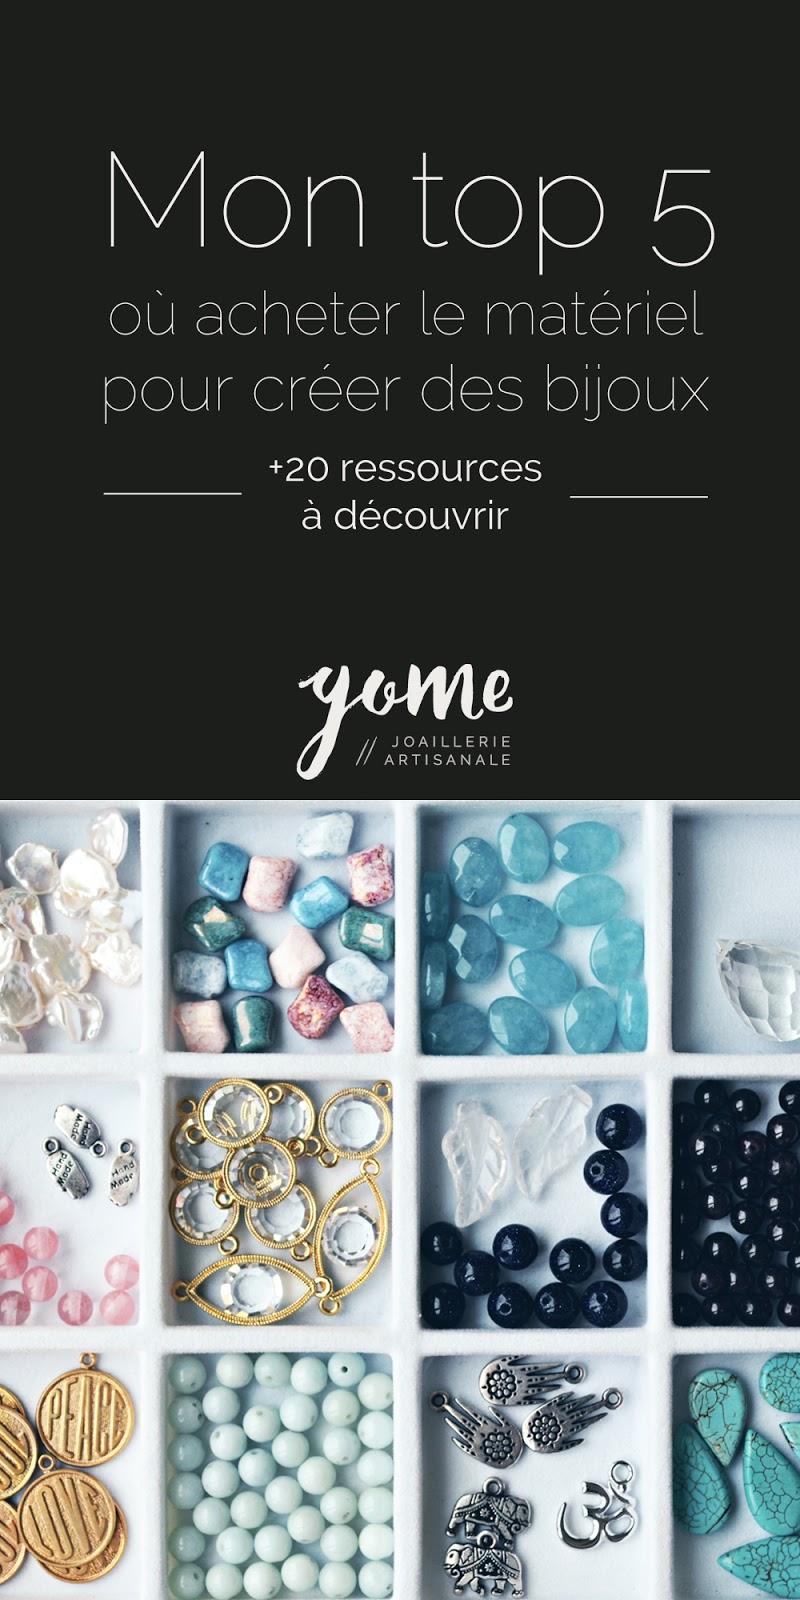 mon top 5 ou acheter le mate riel pour cre er des bijoux gome metalsmith joaillerie artisanale. Black Bedroom Furniture Sets. Home Design Ideas